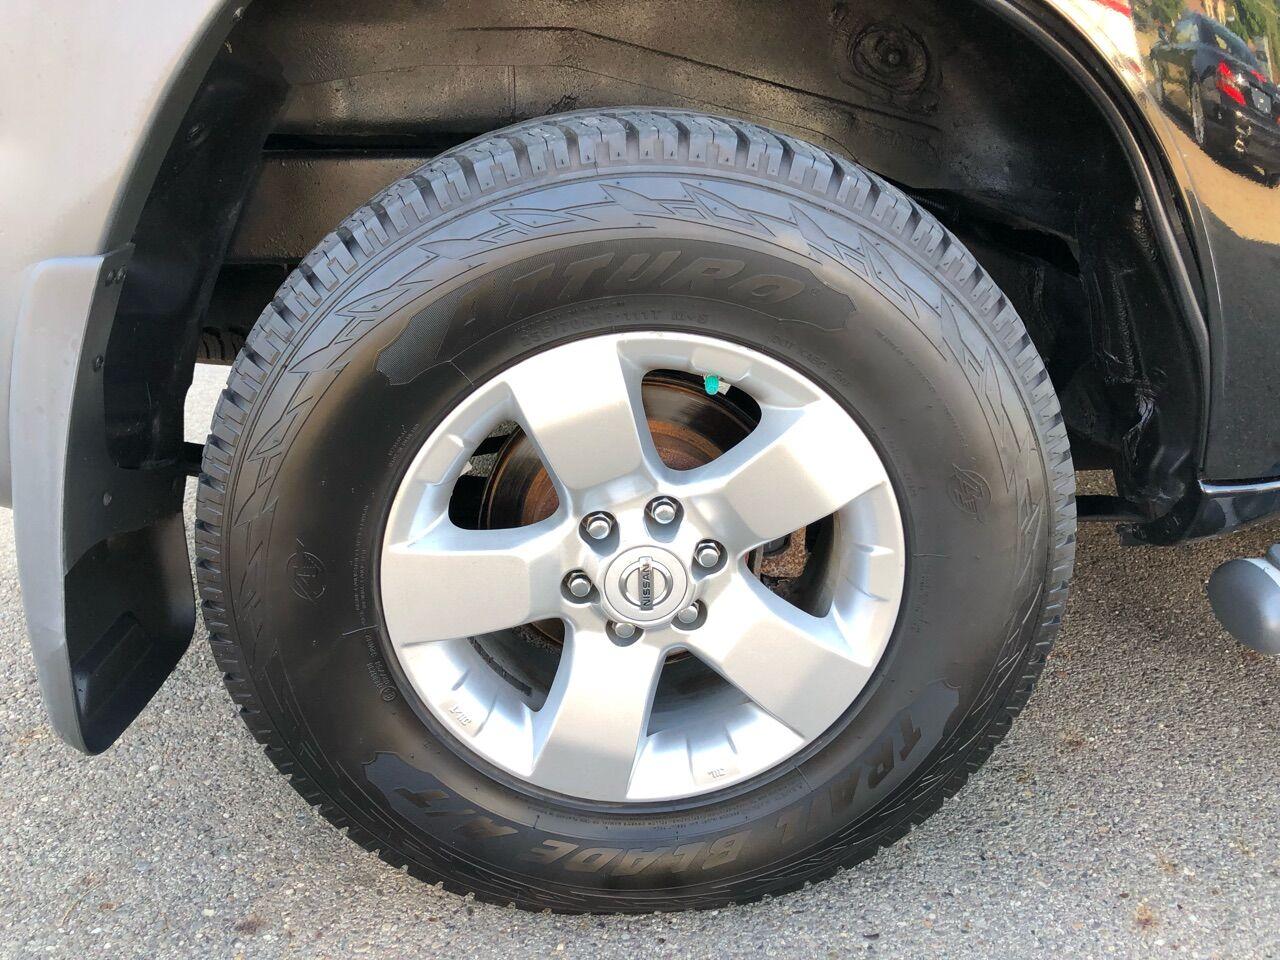 2010 Nissan Xterra Sport Utility